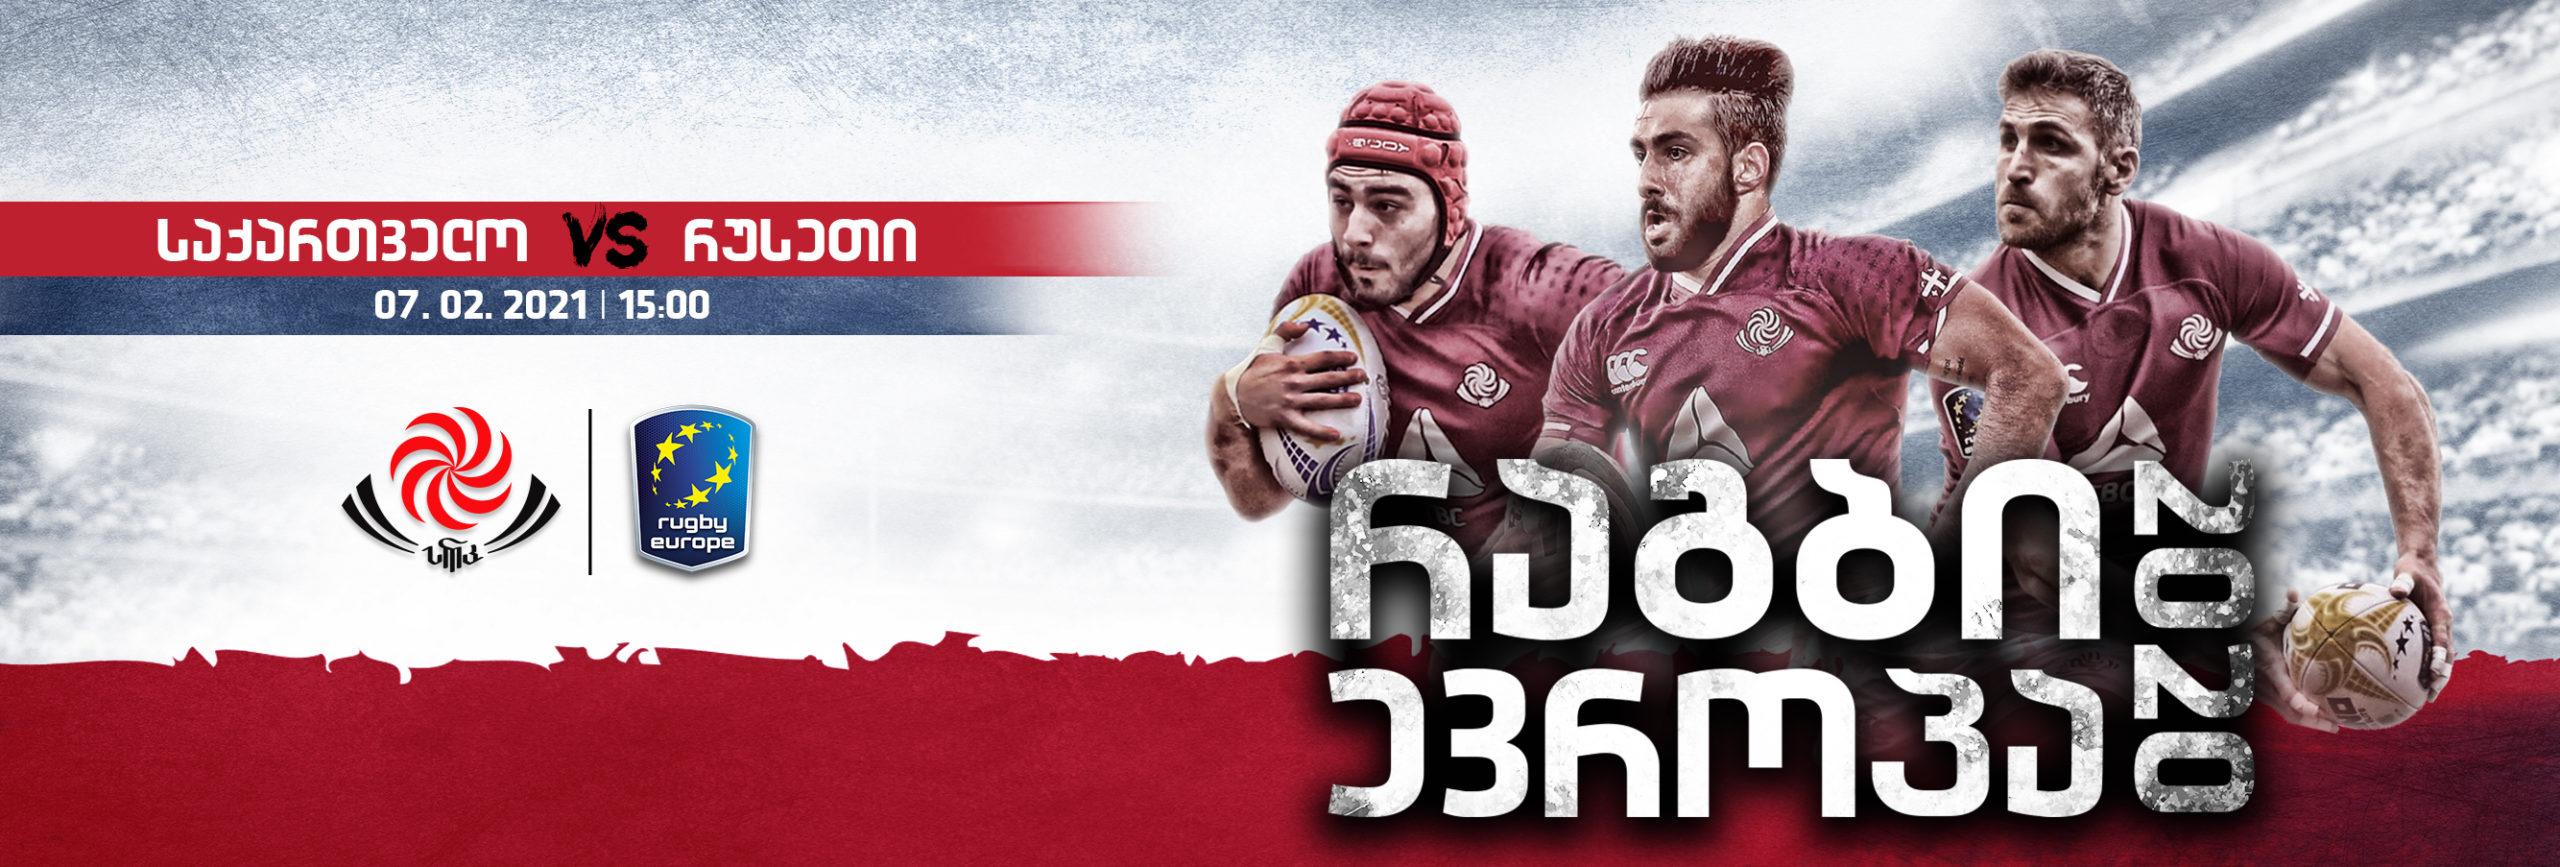 მთავარი - Rugby